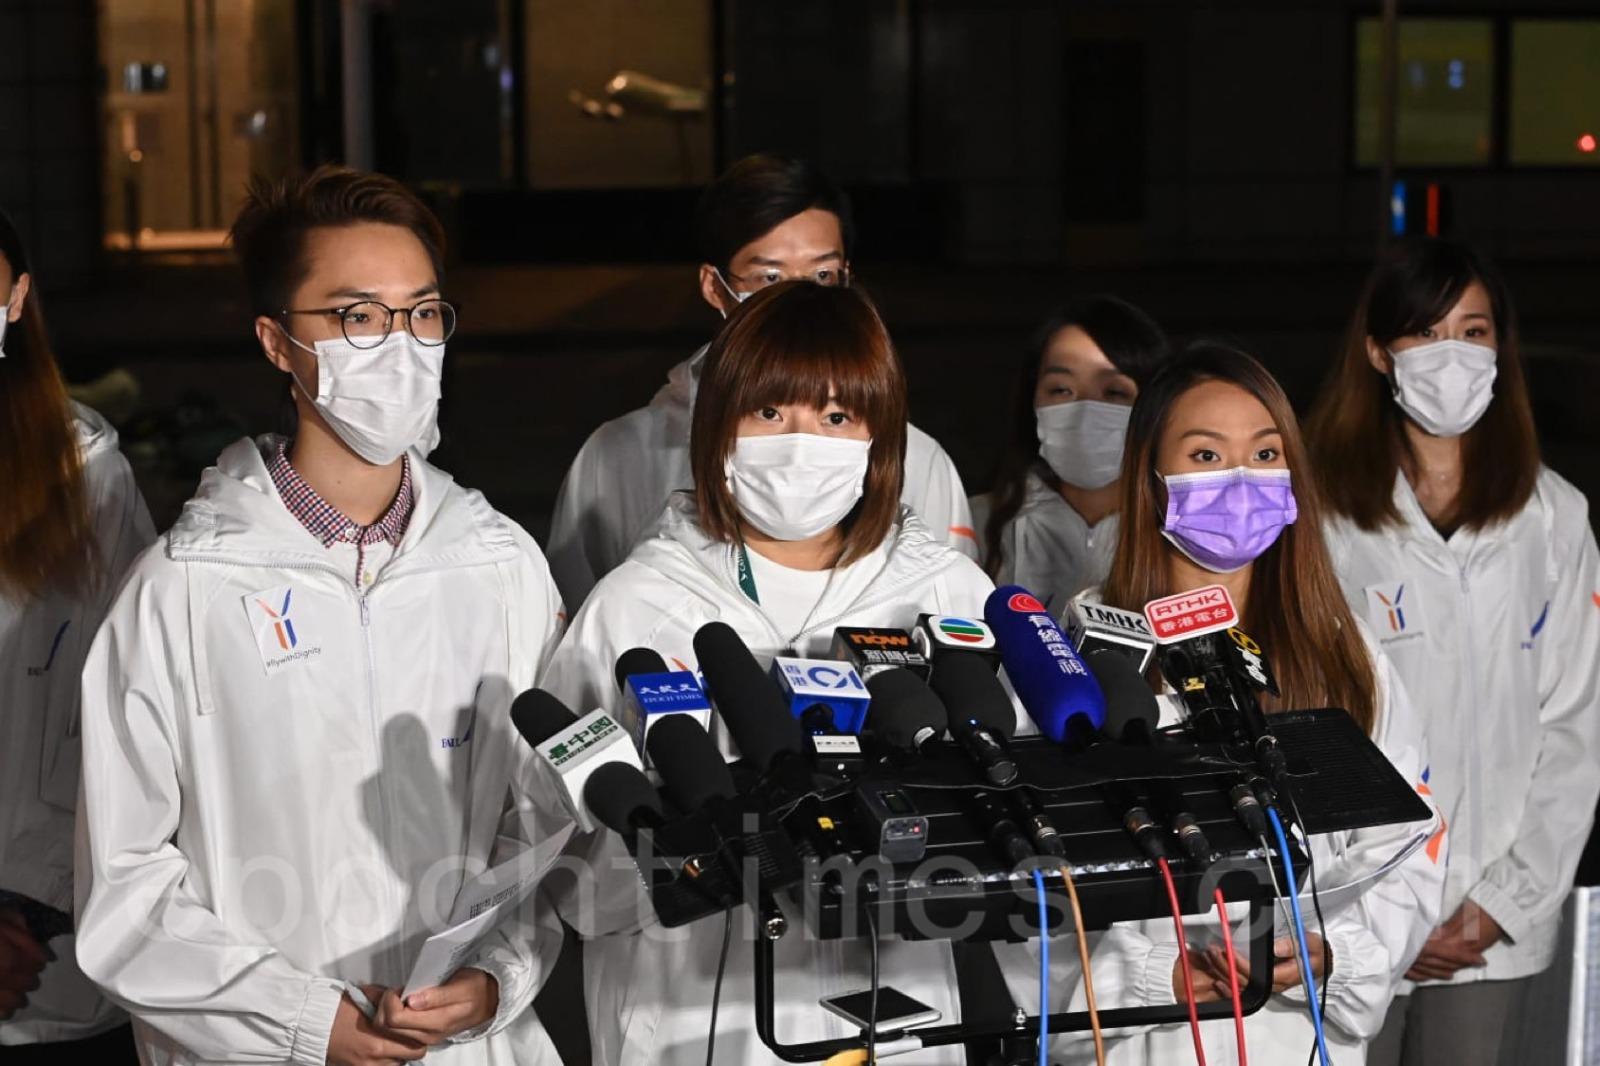 國泰航空員工工會10月26日於東涌某酒店召開緊急會員大會後回應媒體。(宋碧龍/大紀元)